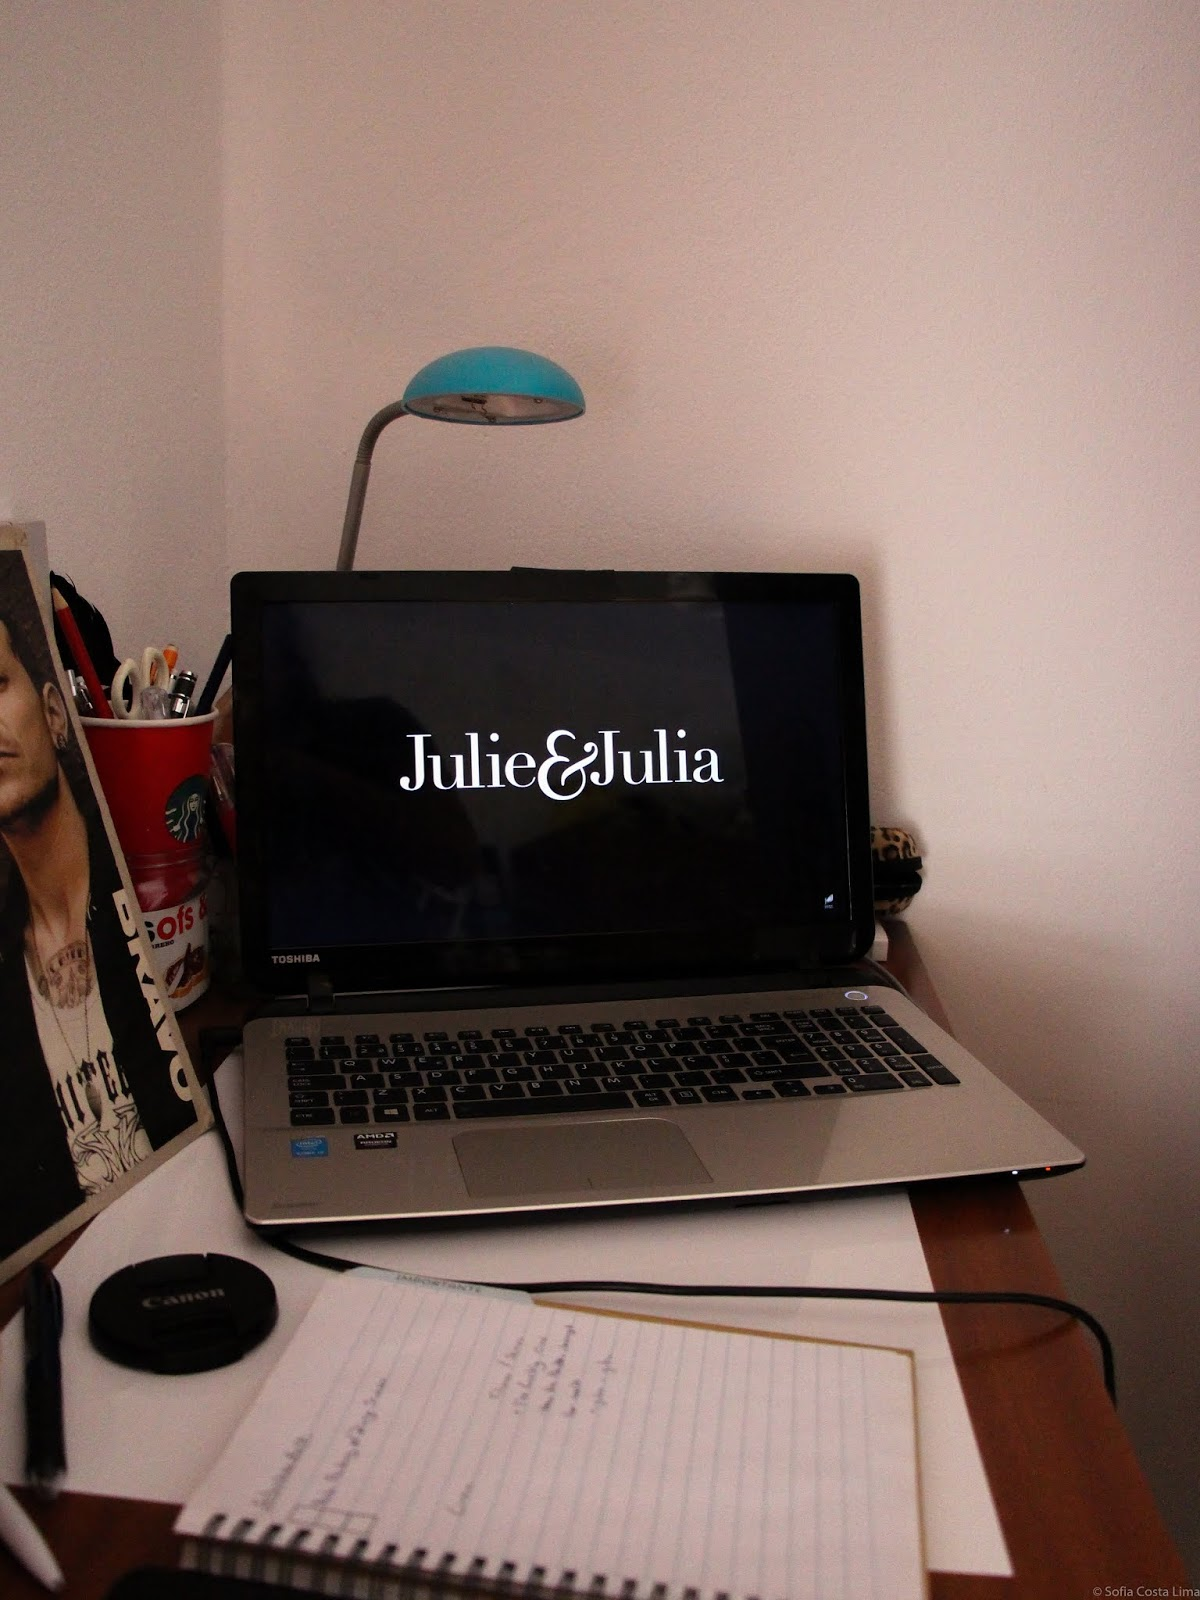 Julie & Julia - Movie36